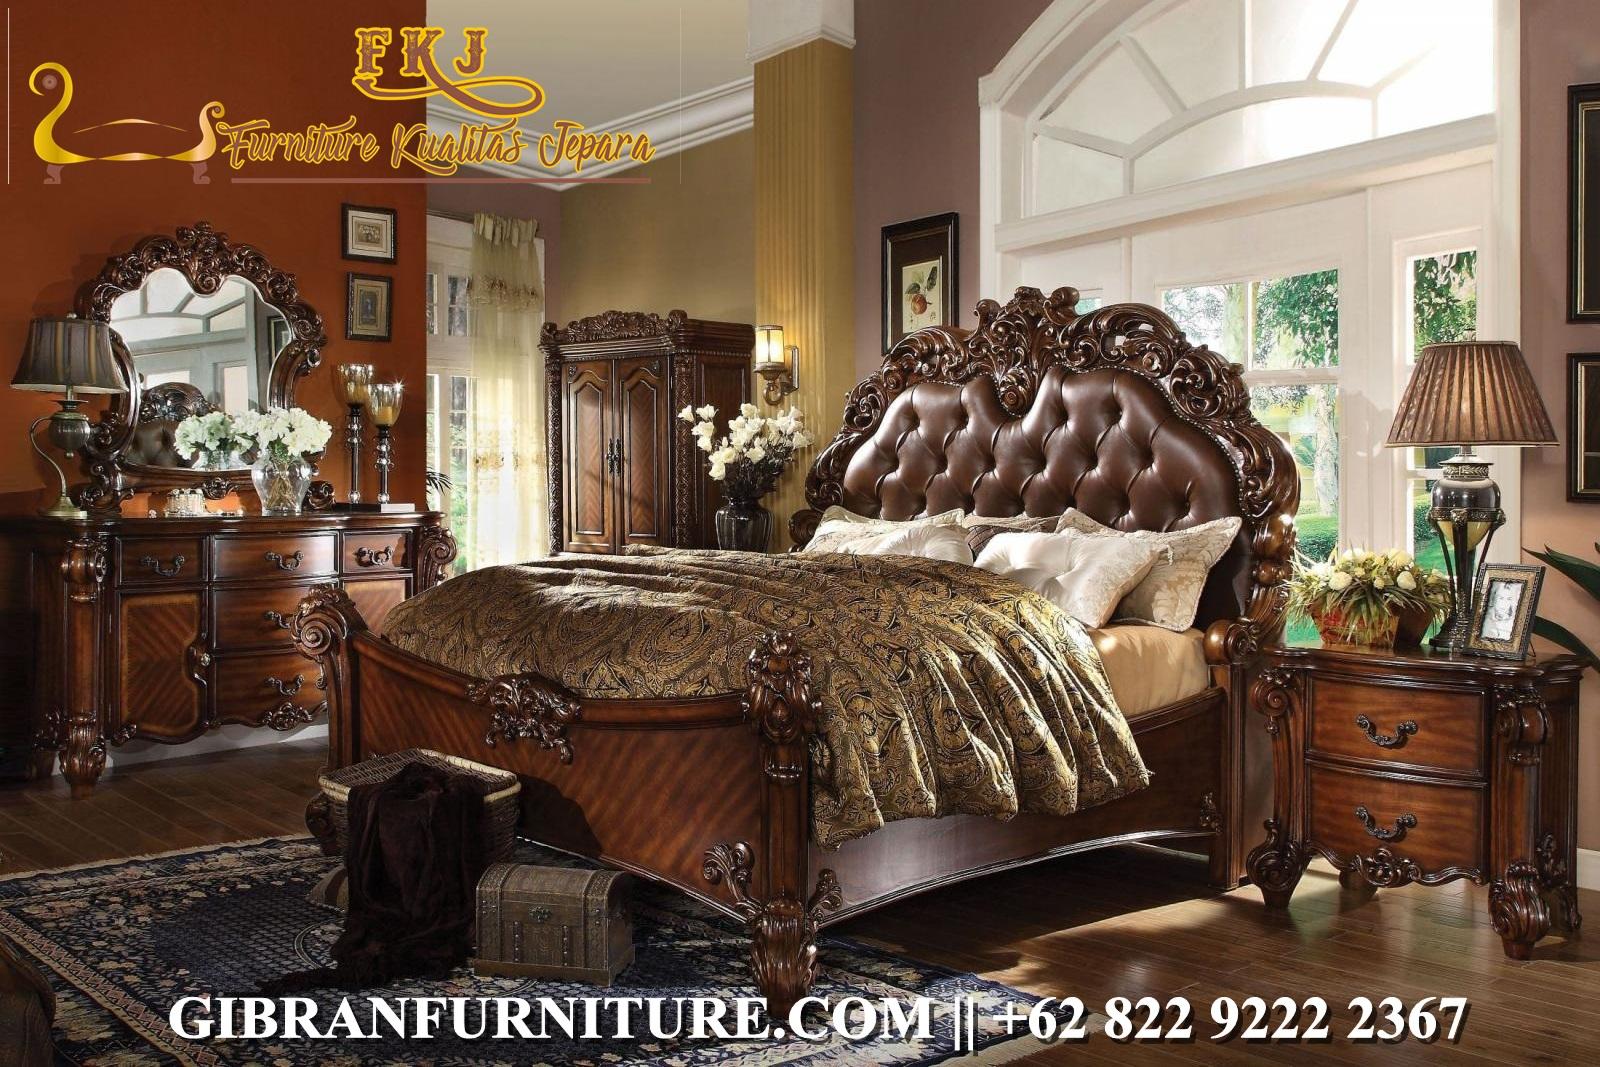 Gambar Tempat Tidur Ukiran Full Jati